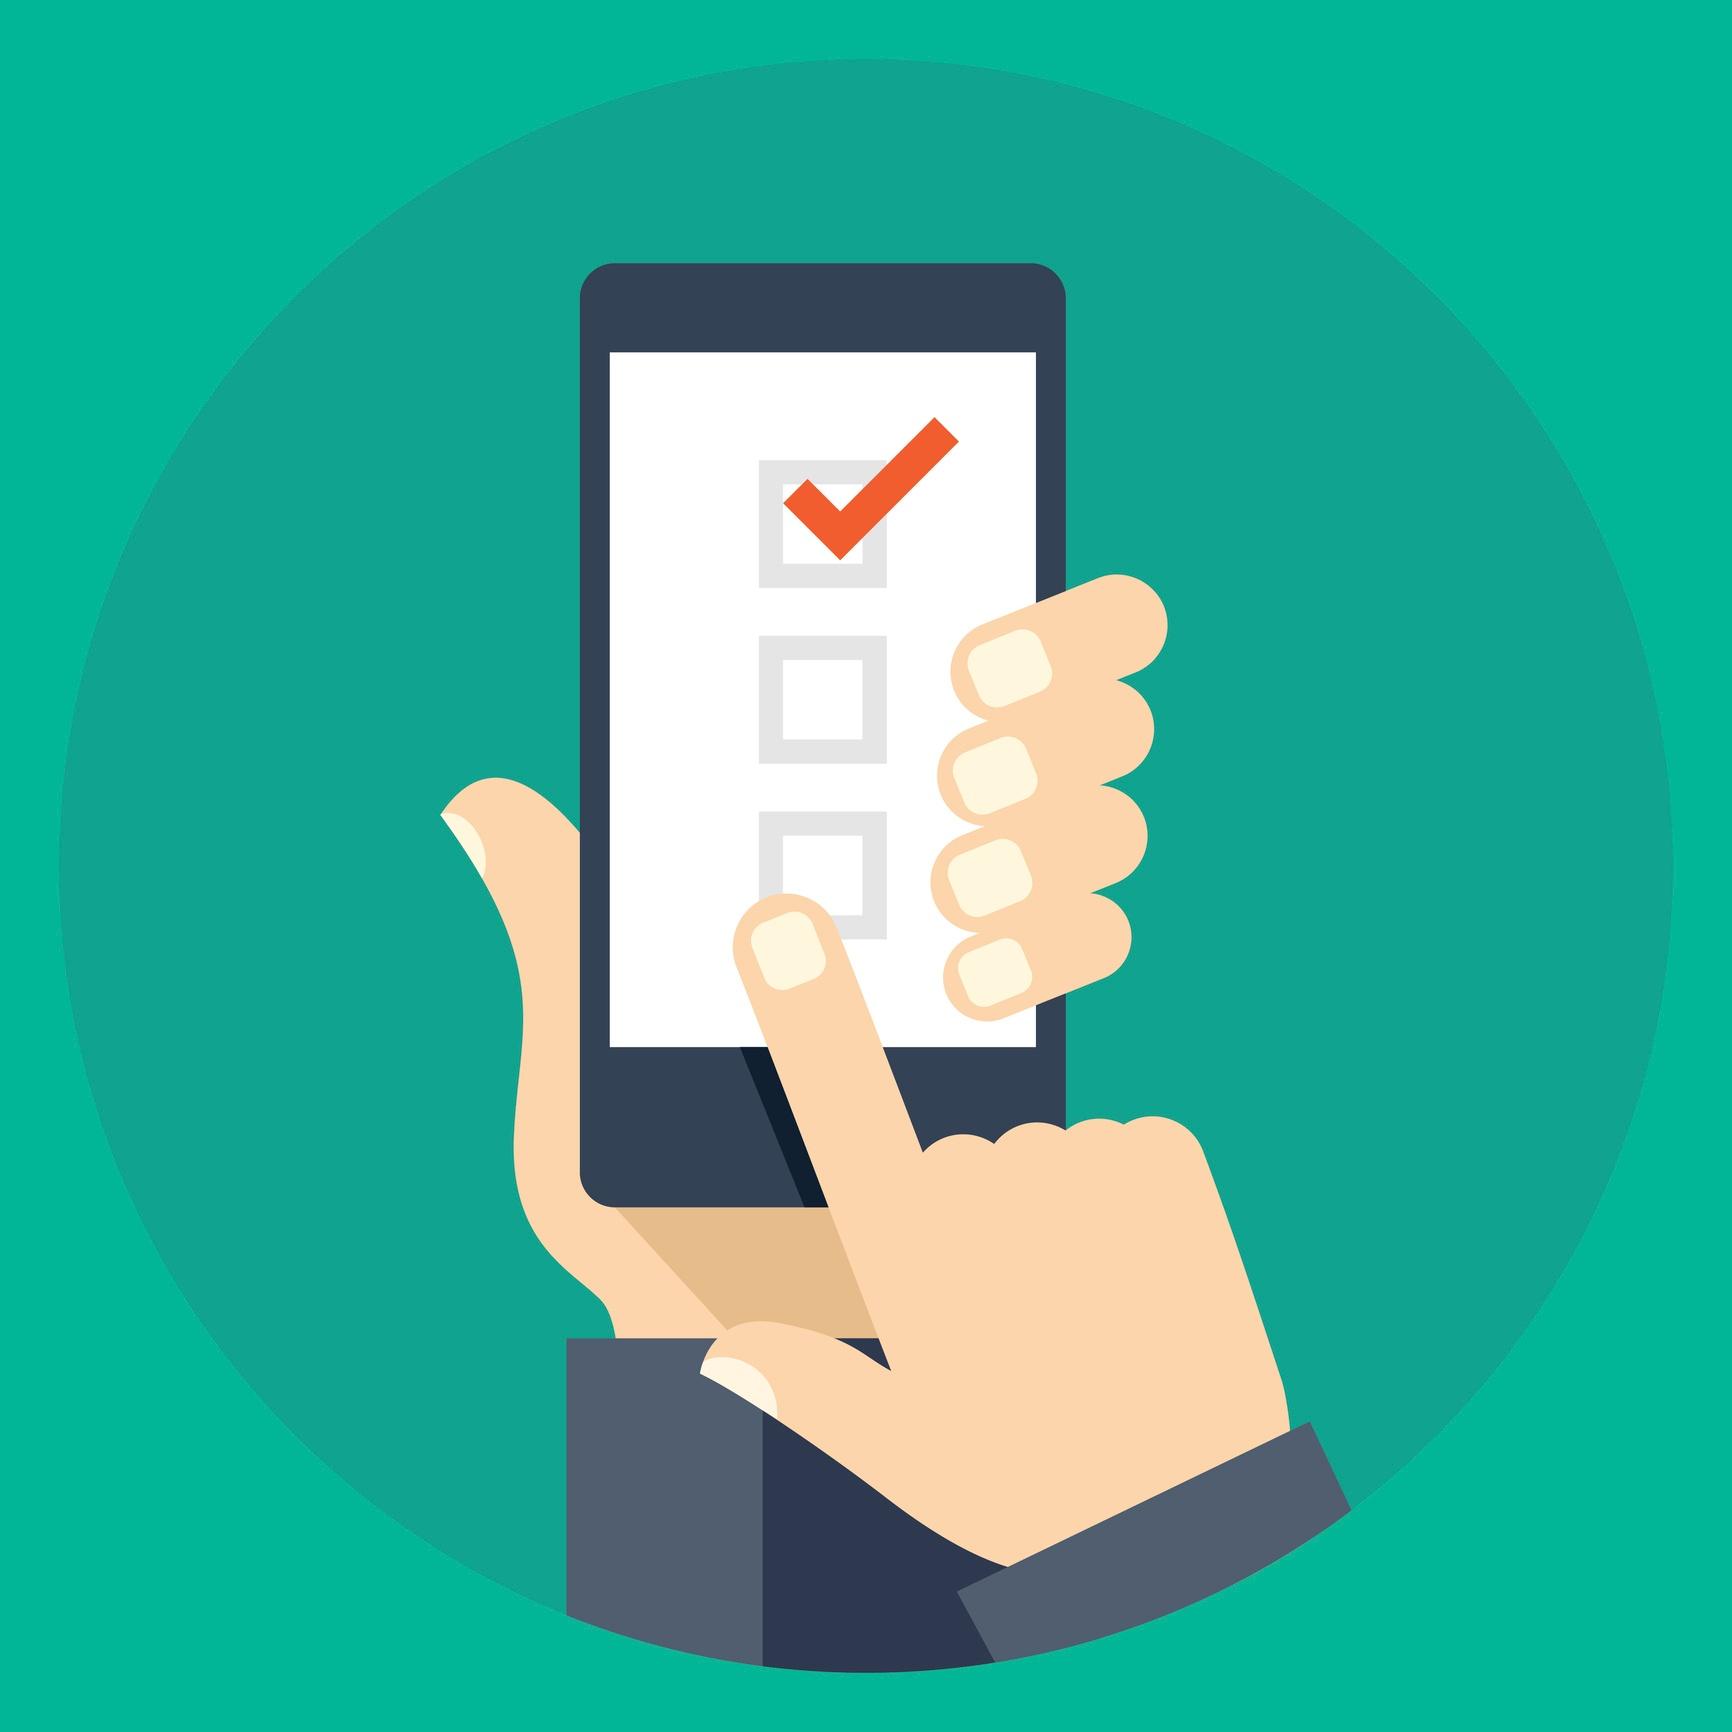 event-app-survey-questions